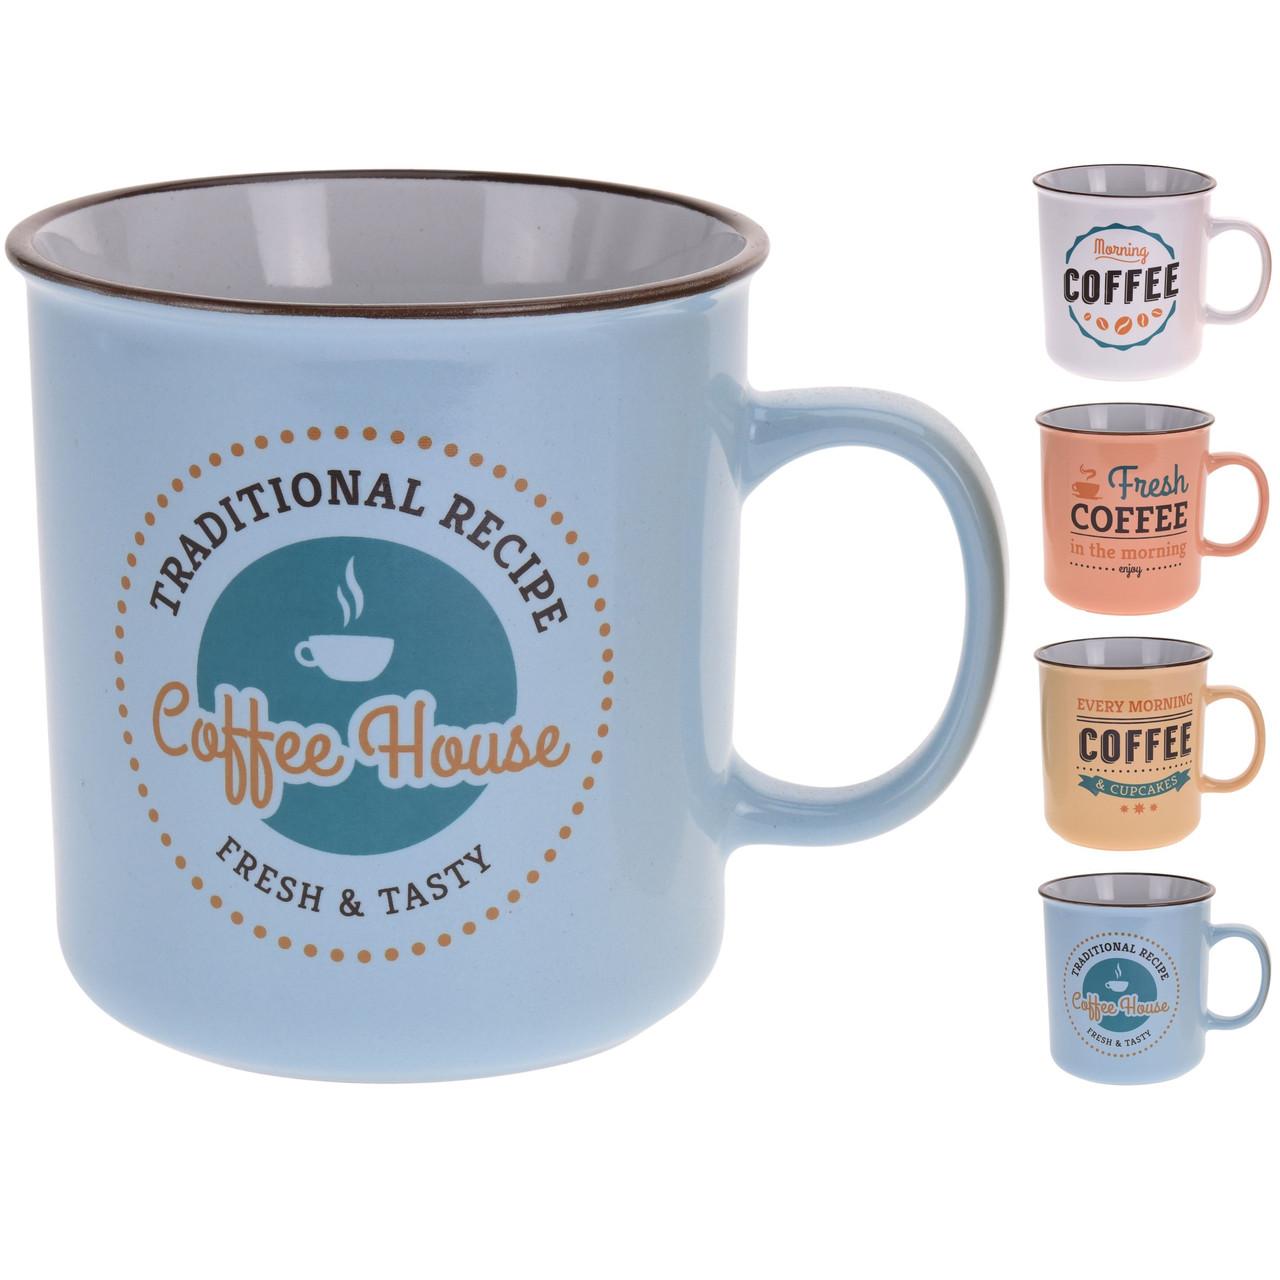 Чашка керамическая для кофе (Coffee time) 180 мл.